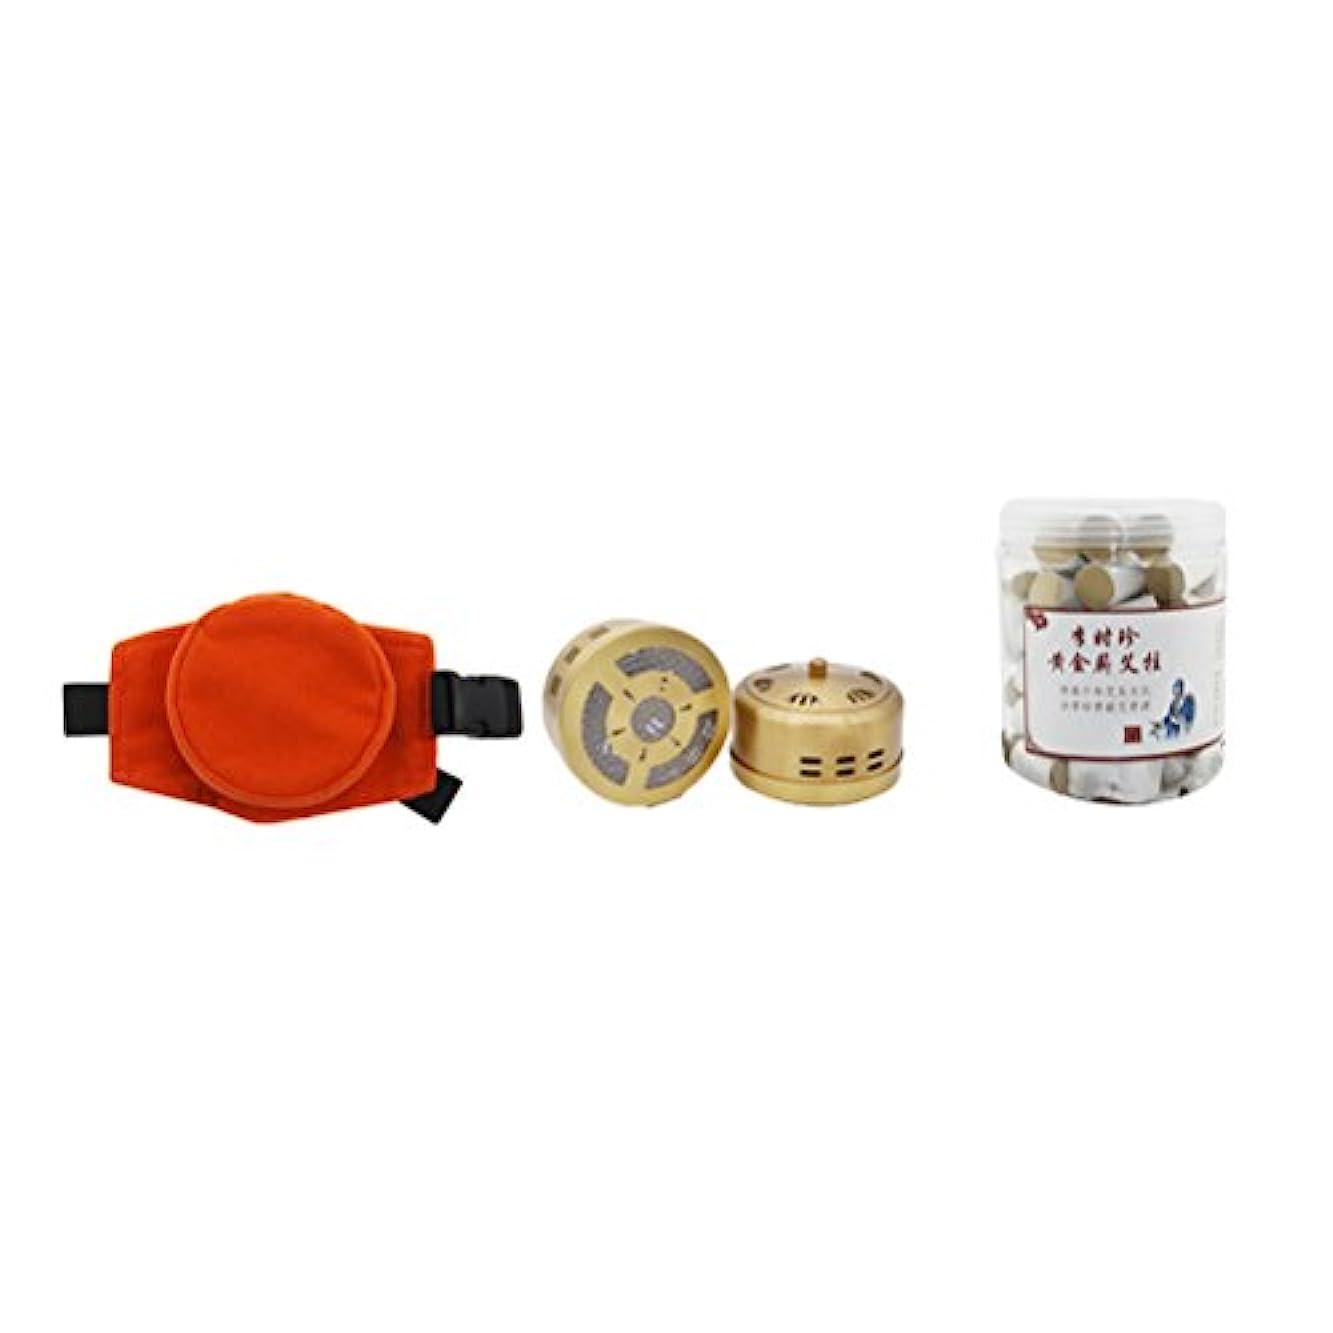 灸スティックバーナーボックス無煙Moxa清浄器銅タンク調節可能なポケットと60個の腰部頚部の膝関節炎痛み緩和のための灸棒の灸治療の箱